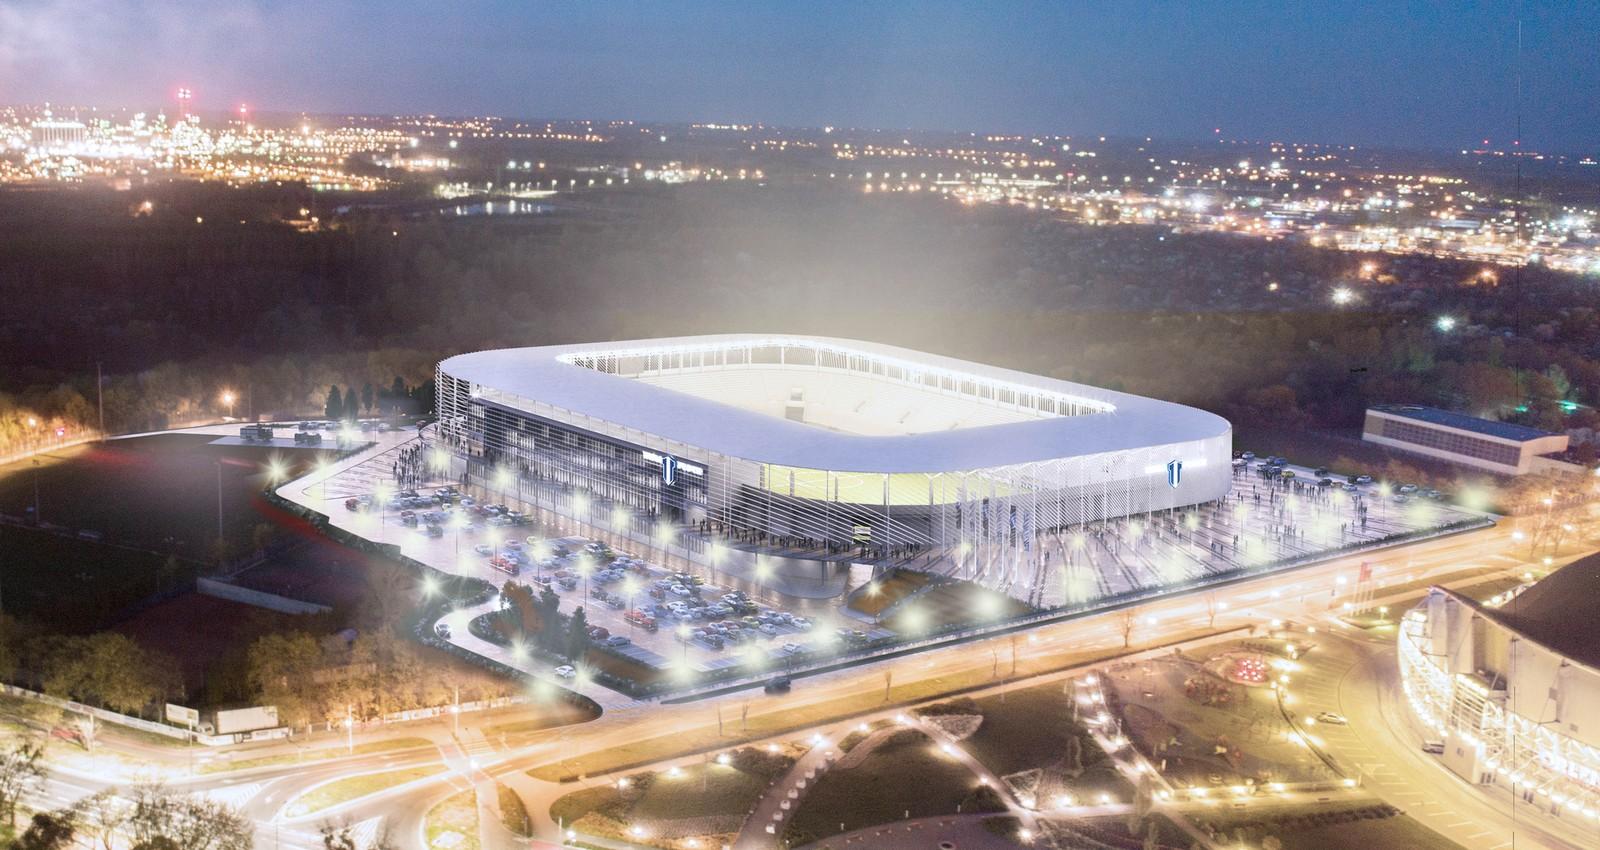 Stadion Miejski w Płocku